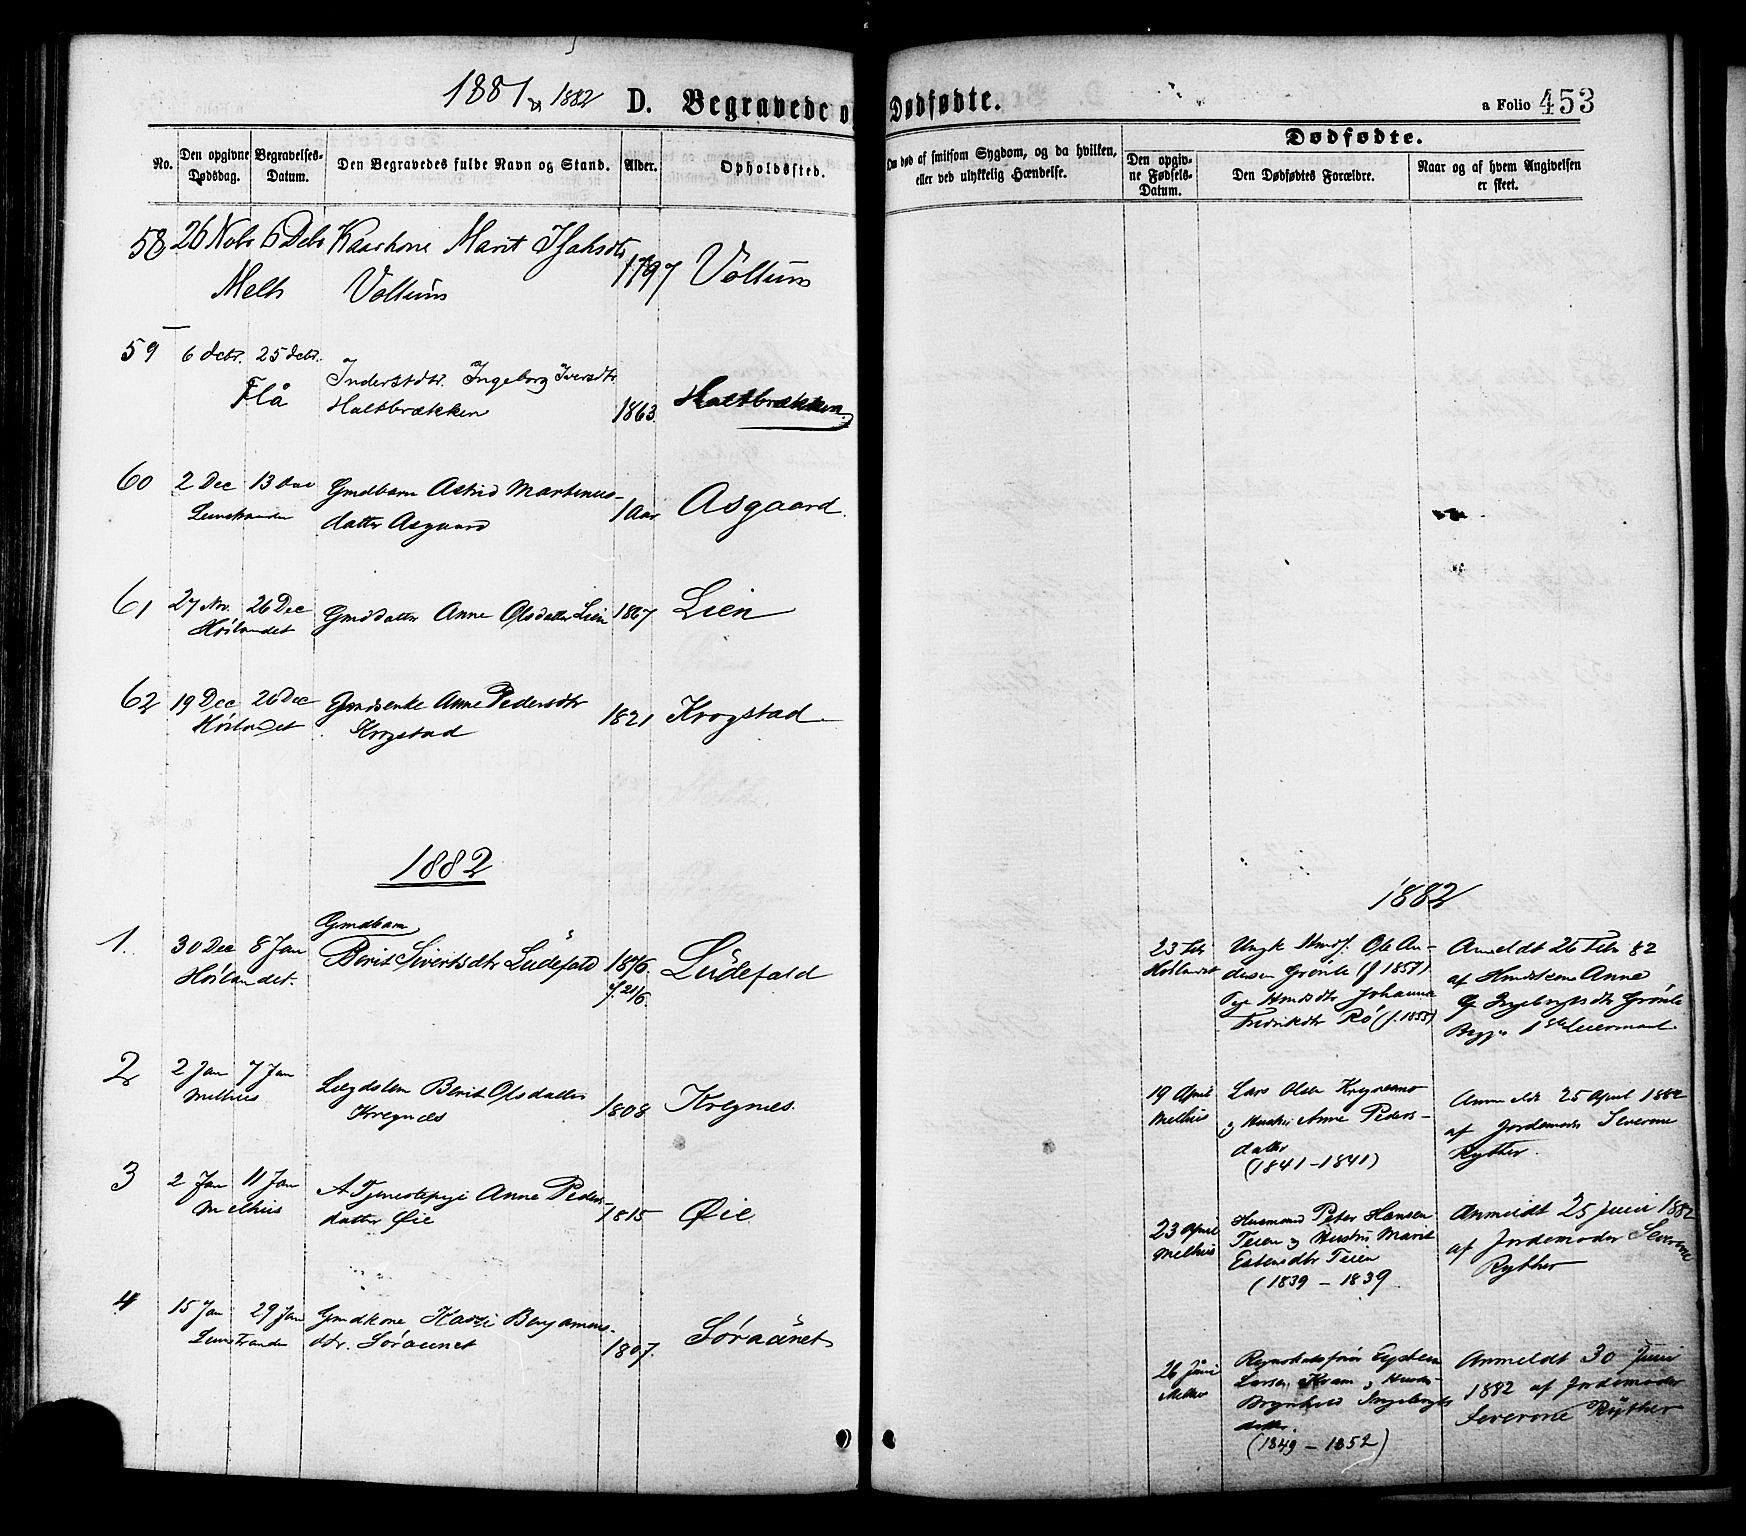 SAT, Ministerialprotokoller, klokkerbøker og fødselsregistre - Sør-Trøndelag, 691/L1079: Ministerialbok nr. 691A11, 1873-1886, s. 453